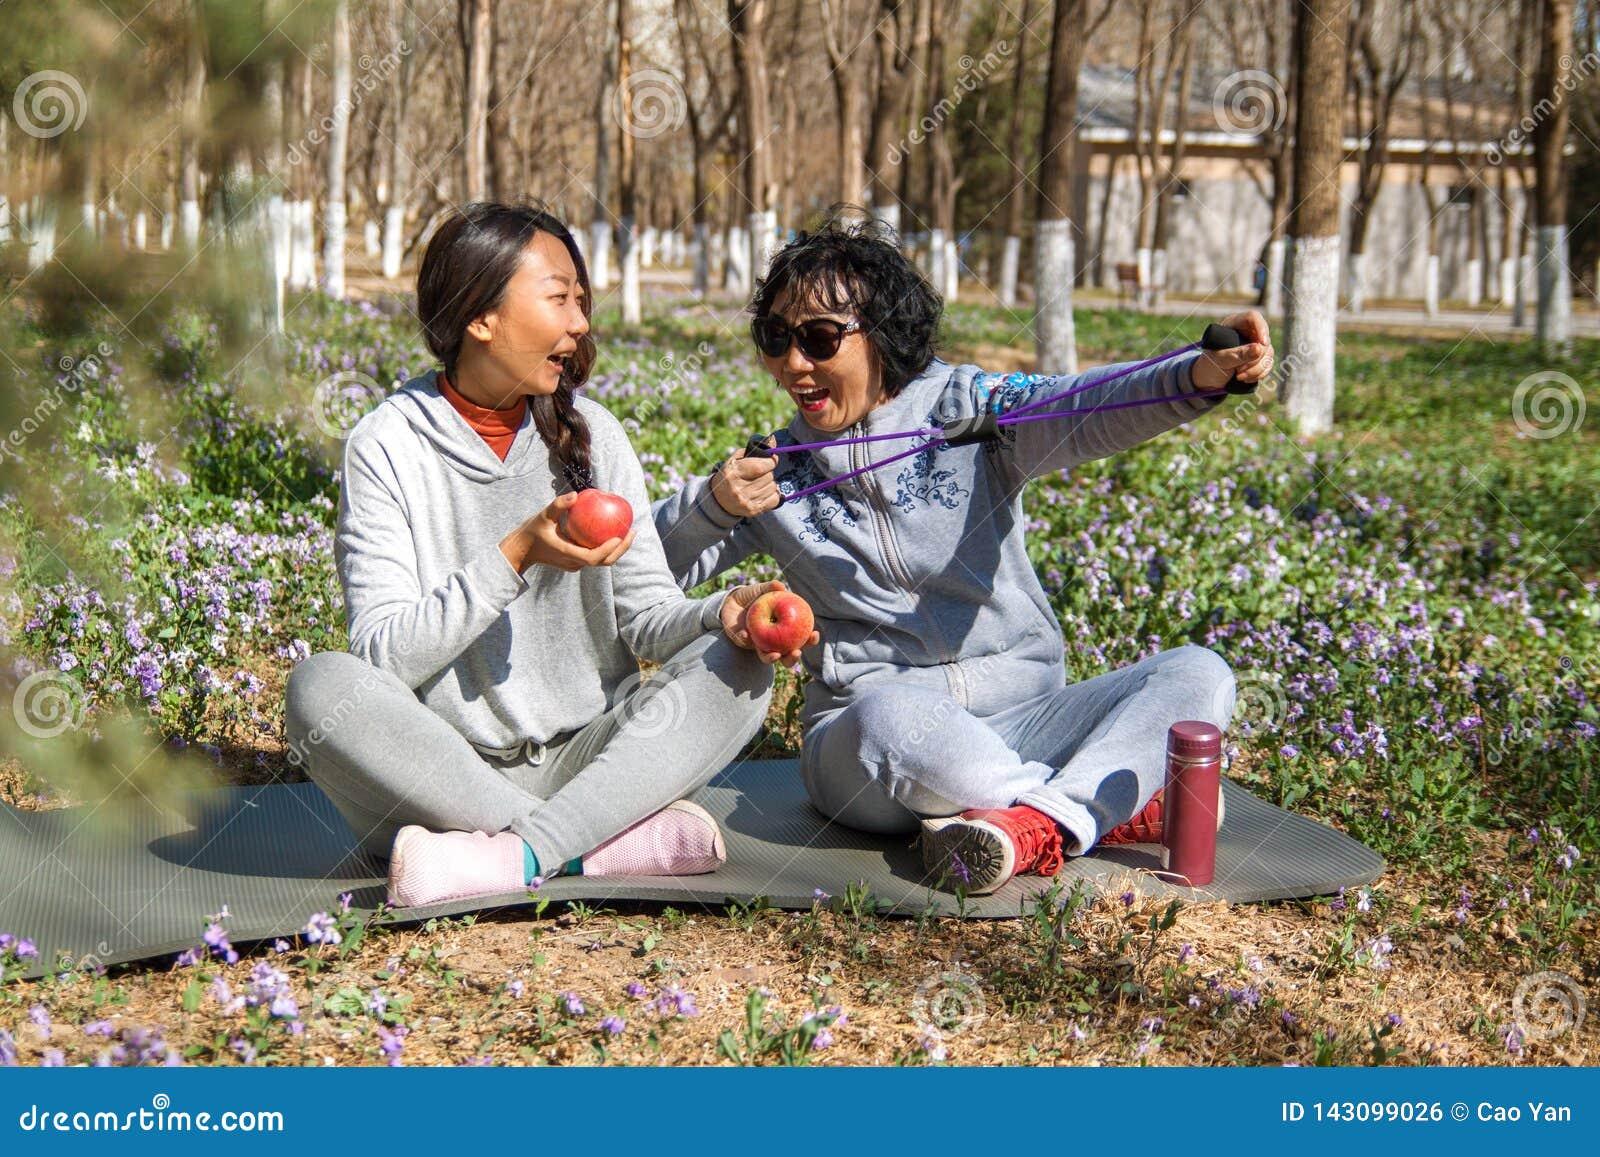 Η κόρη βοηθά τη μητέρα της με τις ασκήσεις στο πάρκο